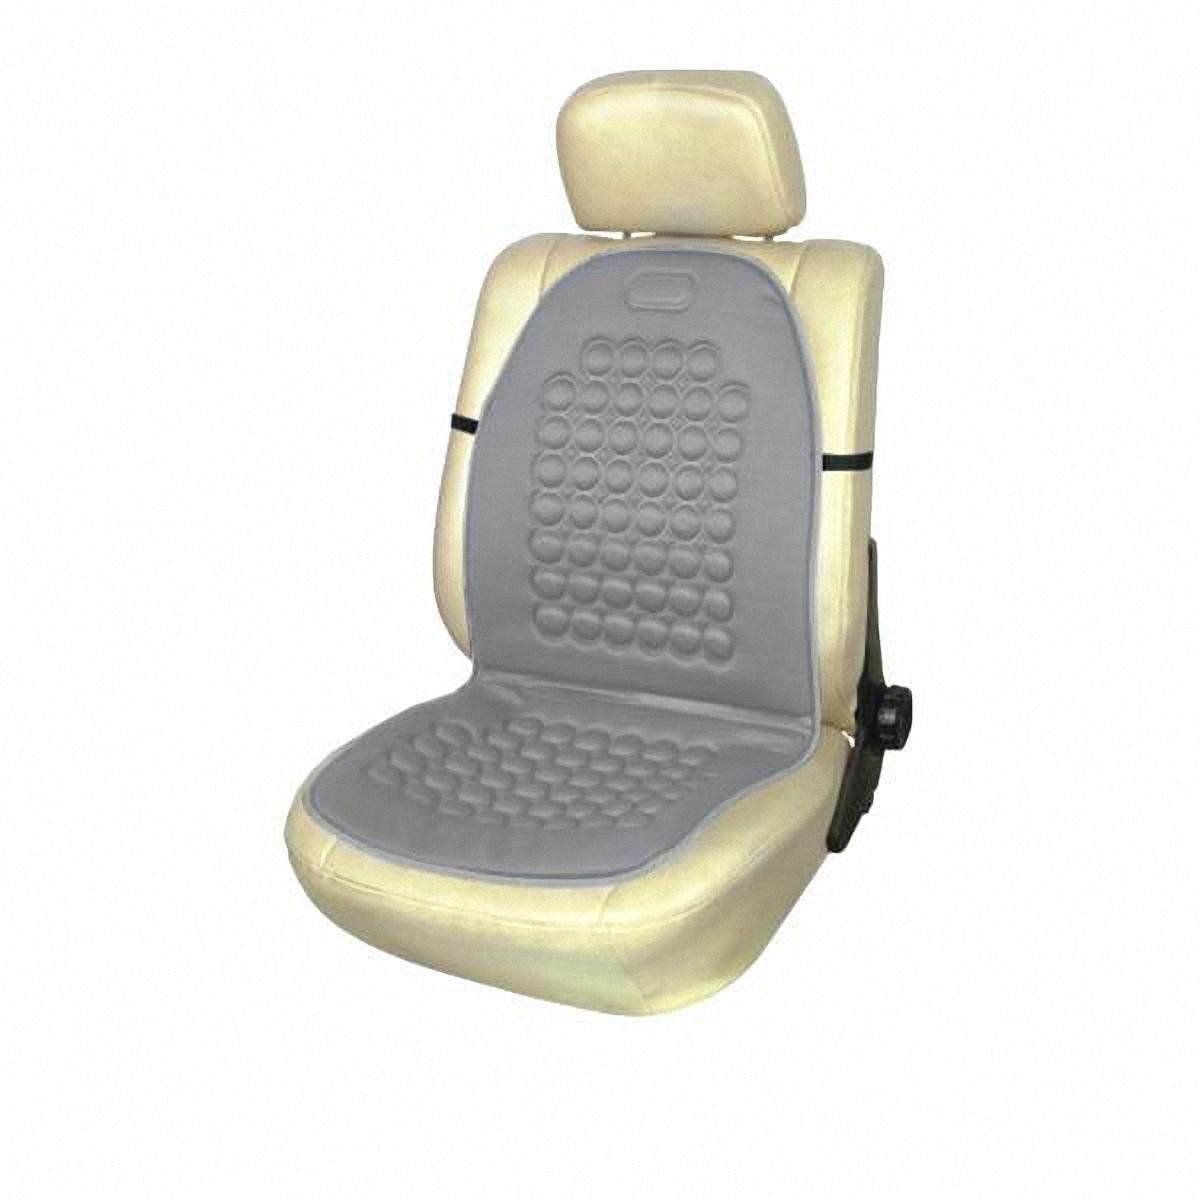 Накидки автомобильные Skyway. SW-102101 GY /S01302004SW-102101 GY /S01302004Накидки на сидения SKYWAY – это изящное сочетание стиля и качества. Выполненные из особого материала они расслабляют мышцы спины при поездке, благотворно влияя на позвоночник. Так просто получить ощущение легкого массажа. С ними салон становится уютнее, а сами сидения – удобнее.